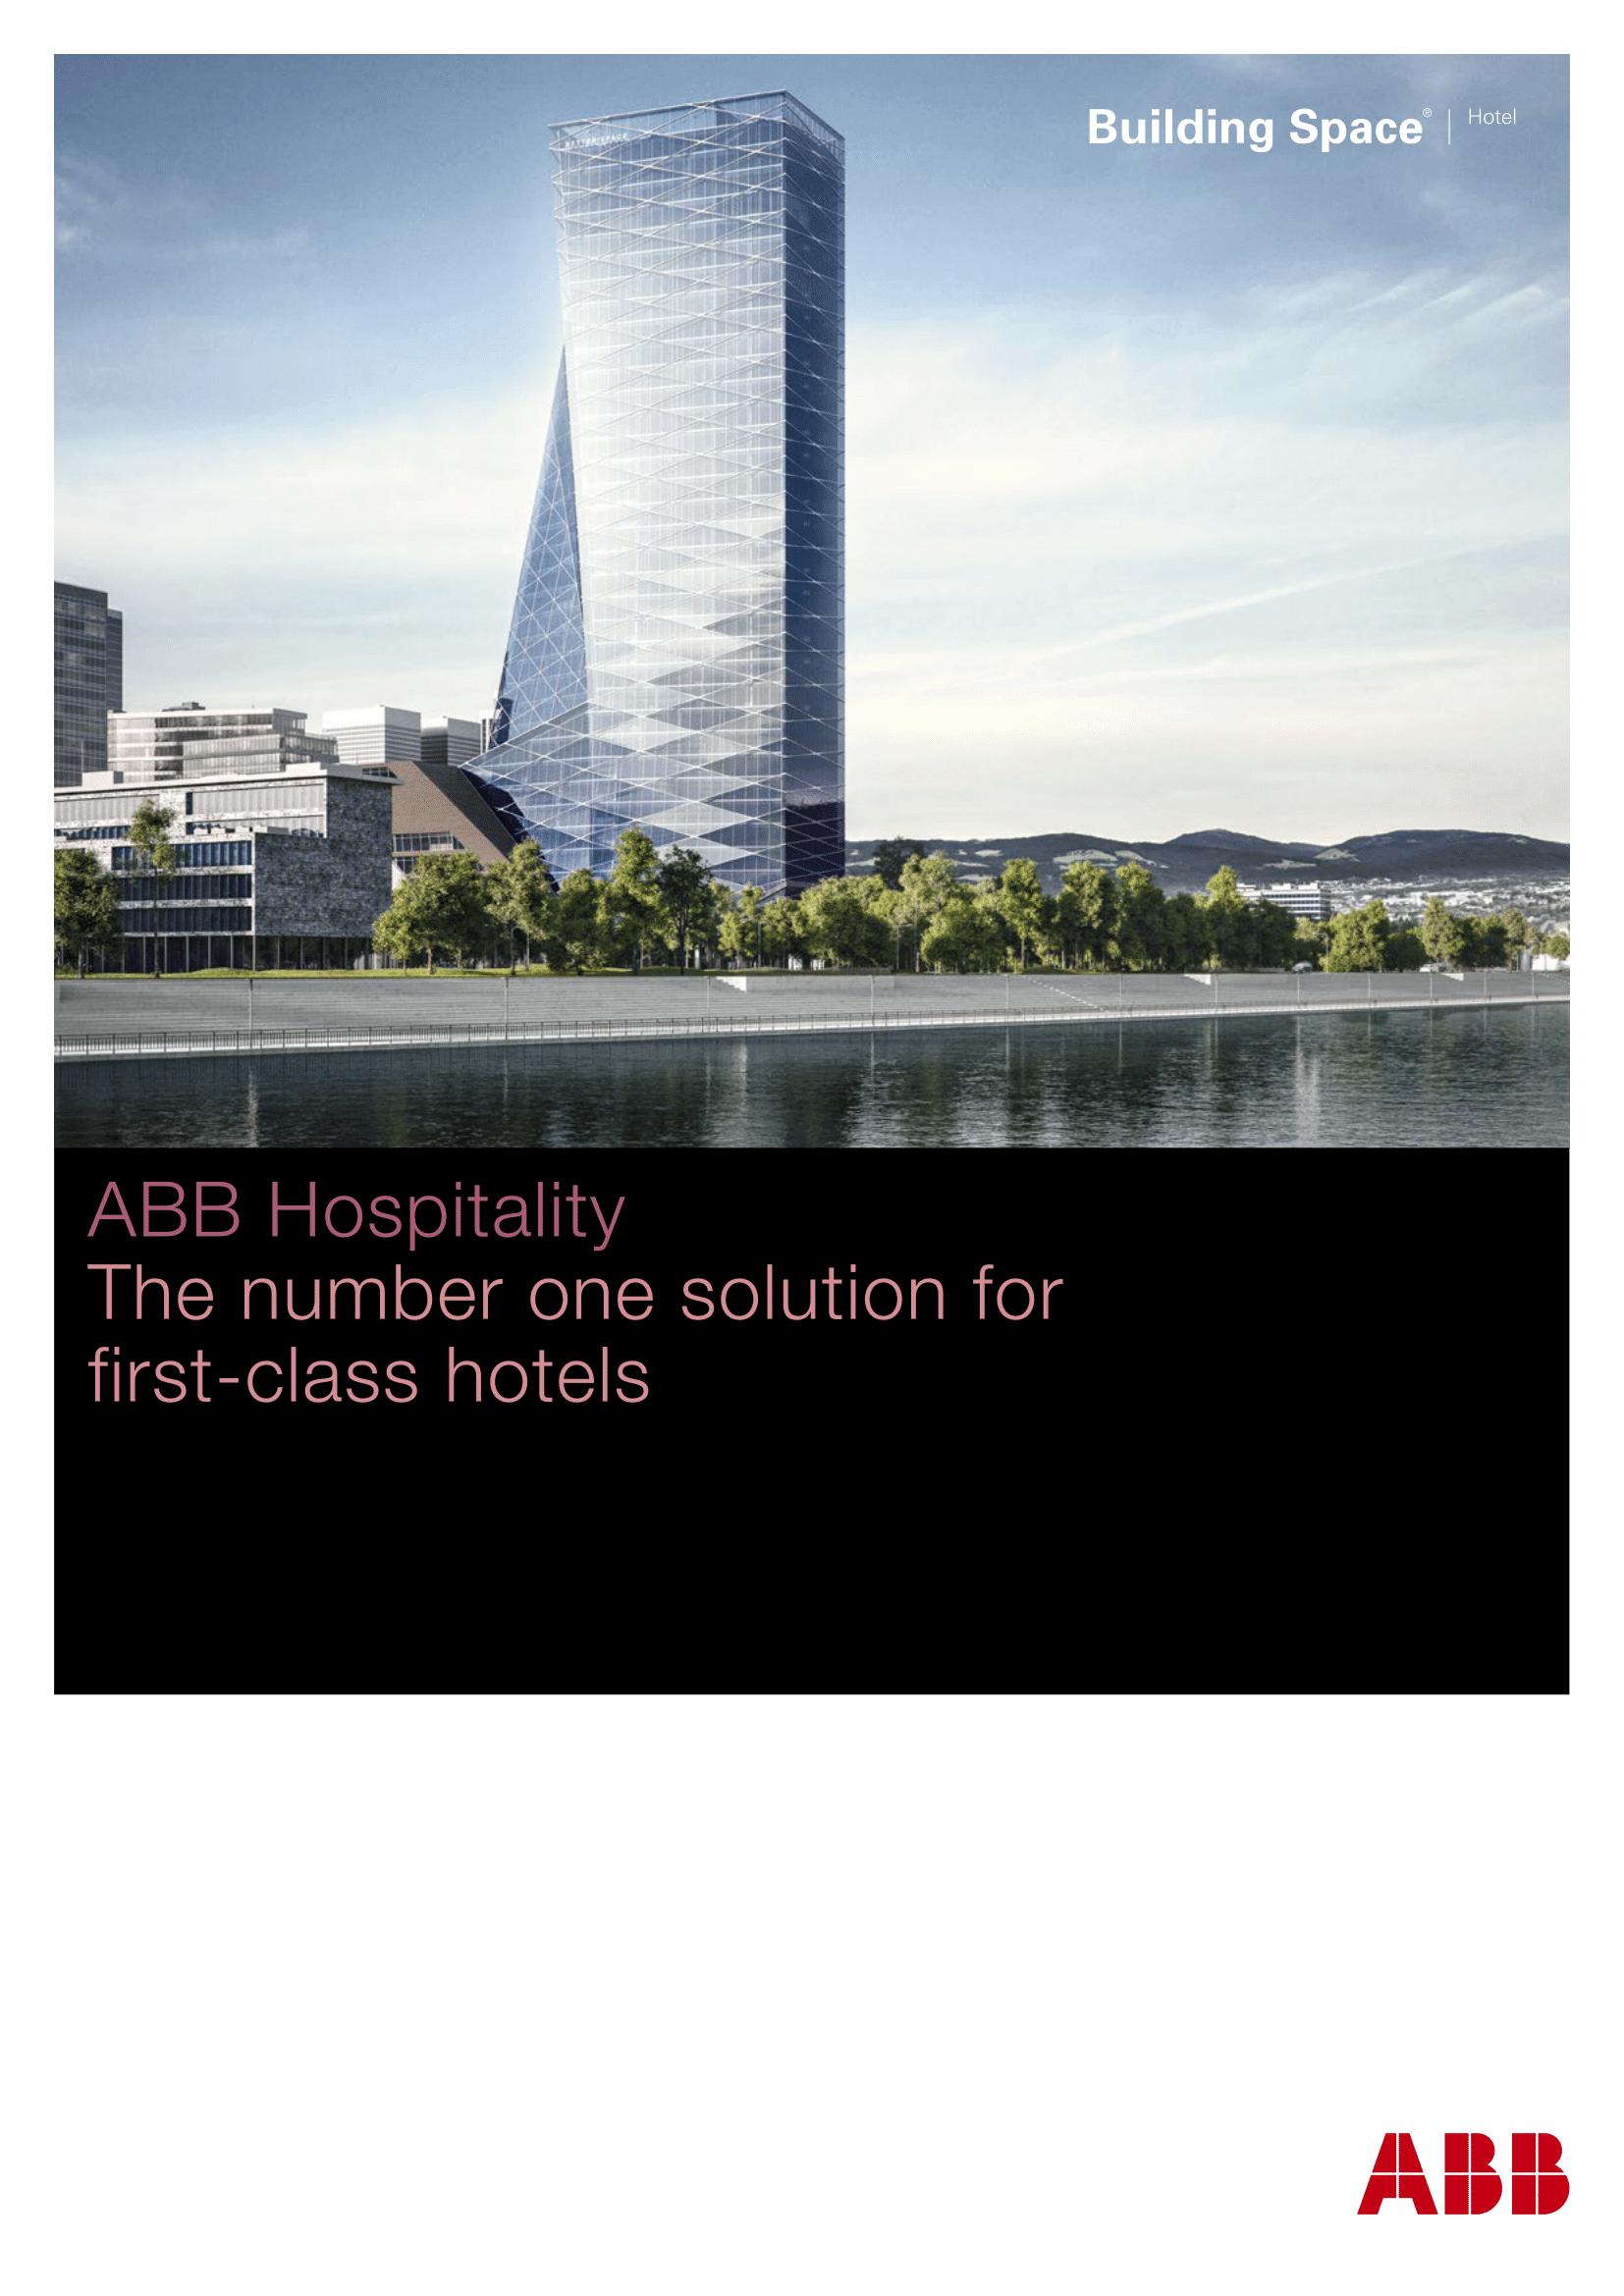 ABB KNX Hospitality Brochure